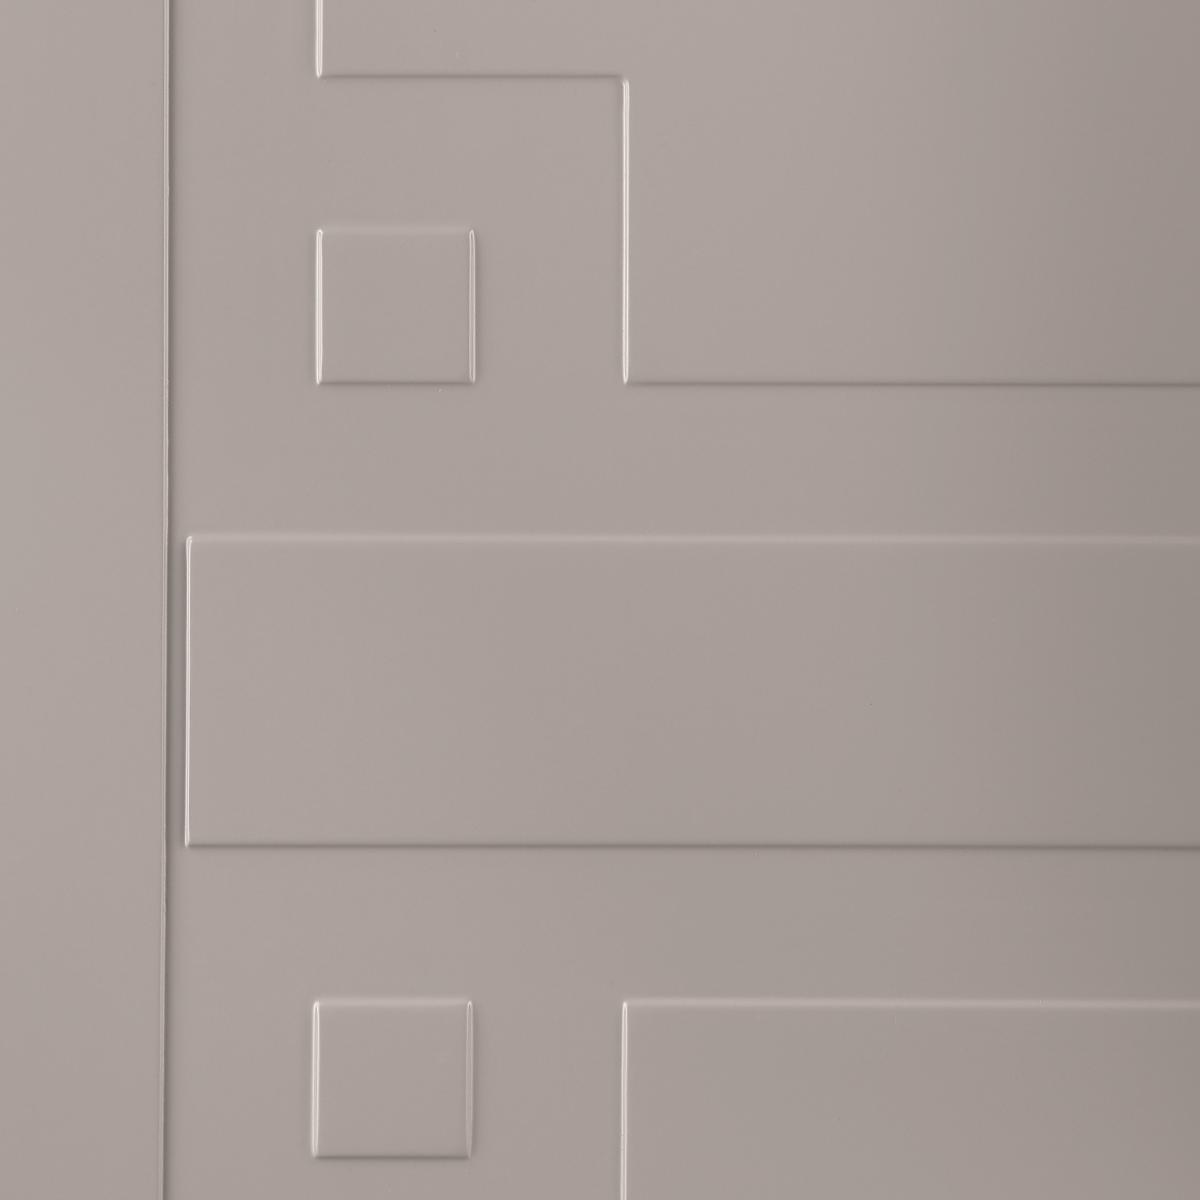 Дверь Межкомнатная Глухая С Замком В Комплекте Лира 80x200 Эмаль Цвет Мускат